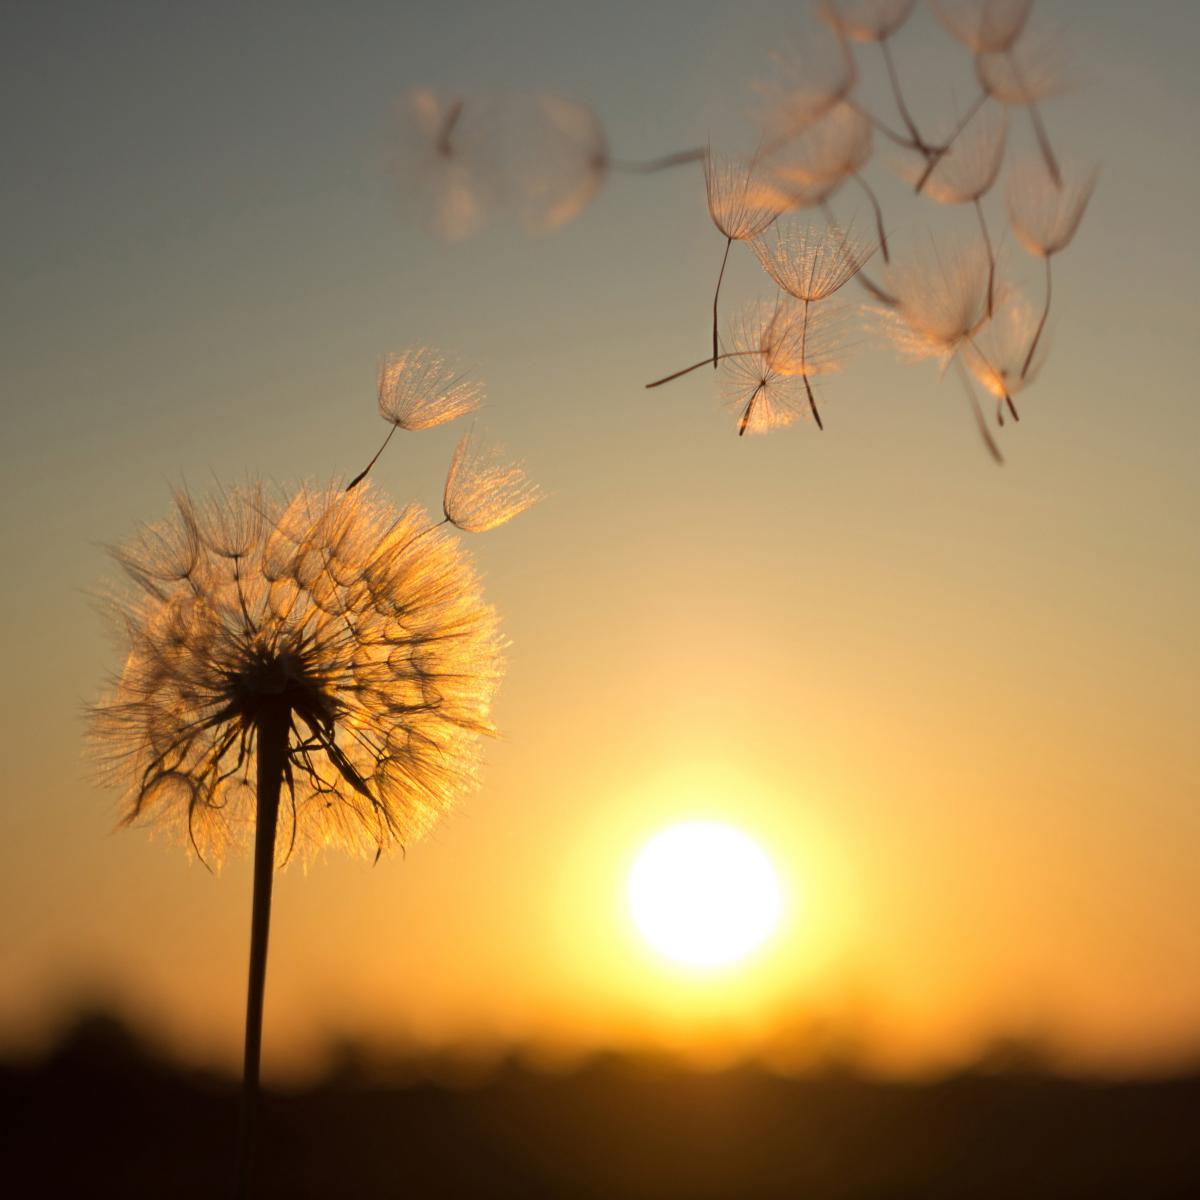 Завтра в Україні очікується сильний вітер / фото ua.depositphotos.com